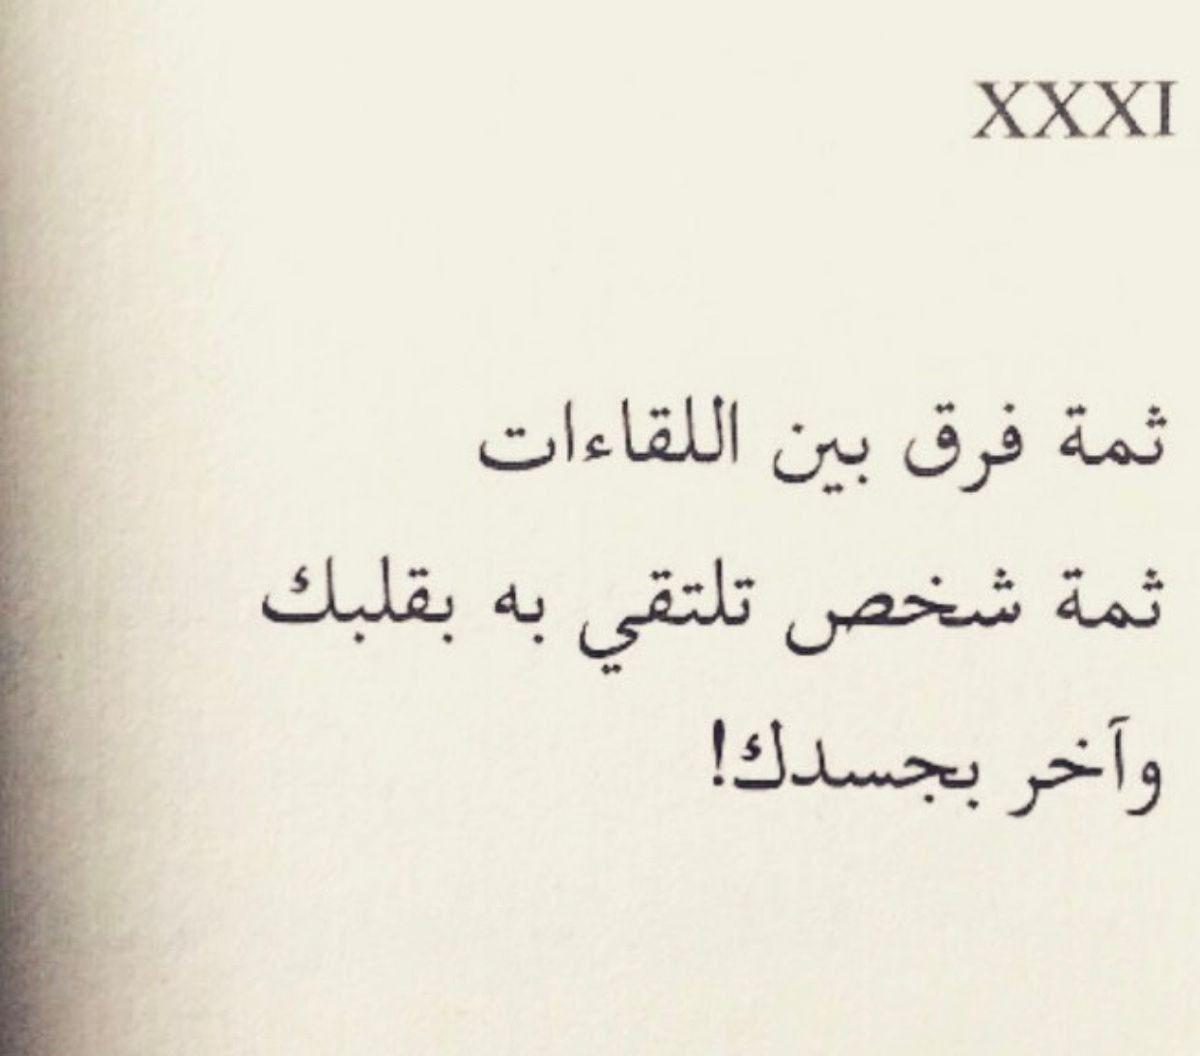 أن كنت تقرأ يامن التقيت فيك بقلبي فضلا لا تتركني Arabic Quotes Some Quotes Words